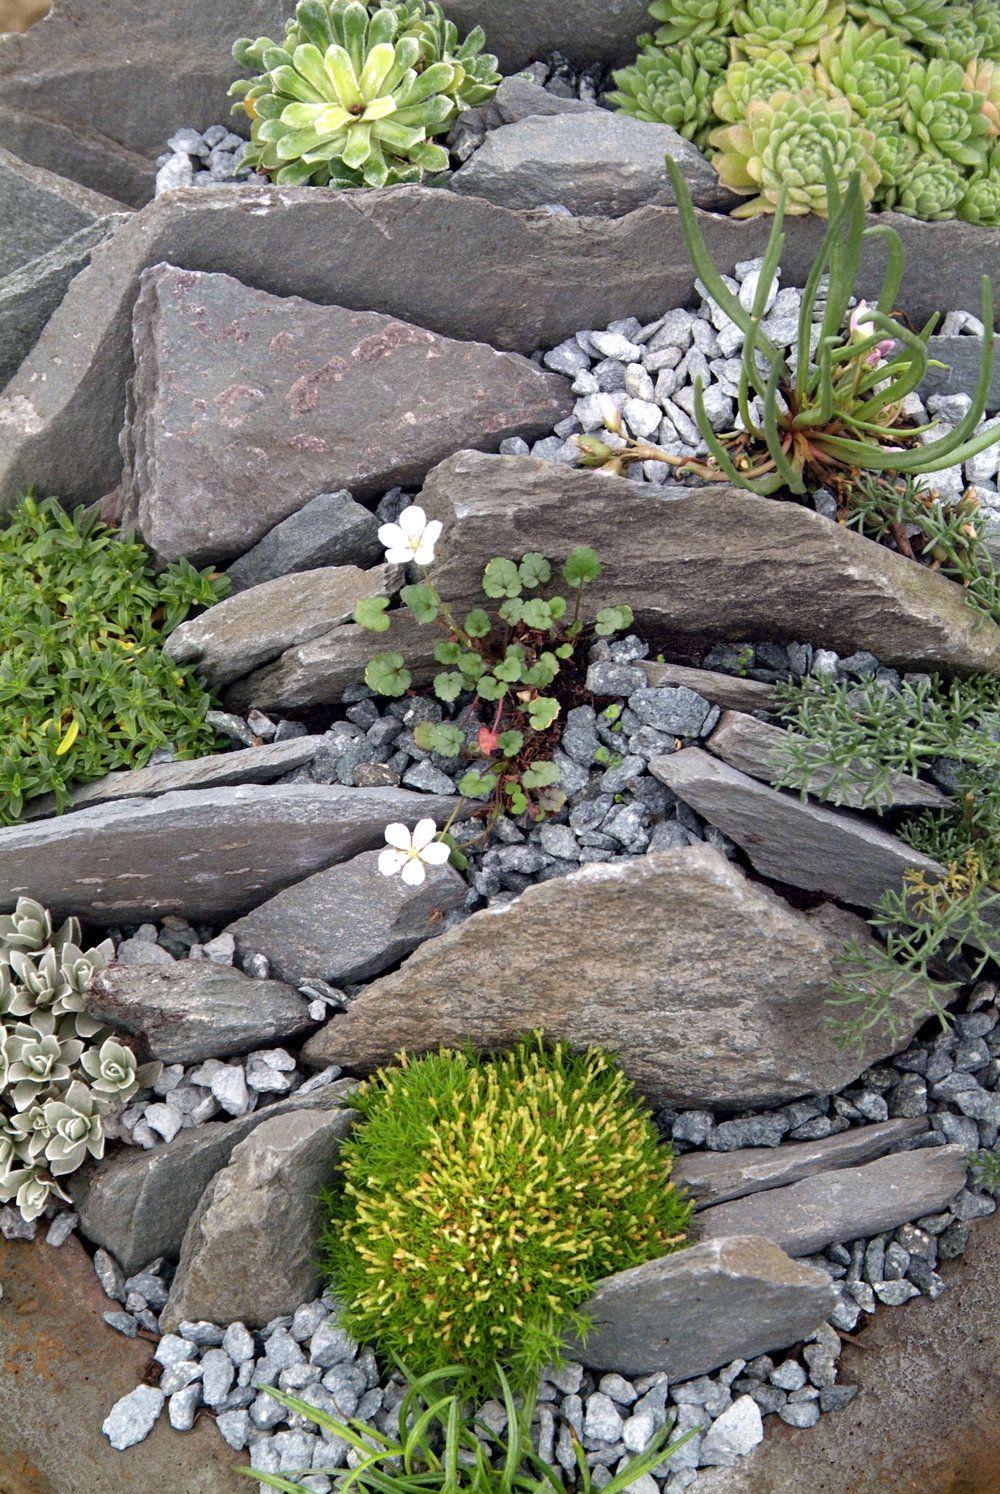 20 Wie Man Einen Steingarten Garten Ideen Die Optimierung Von Raum Und Stil #howtogrowplants